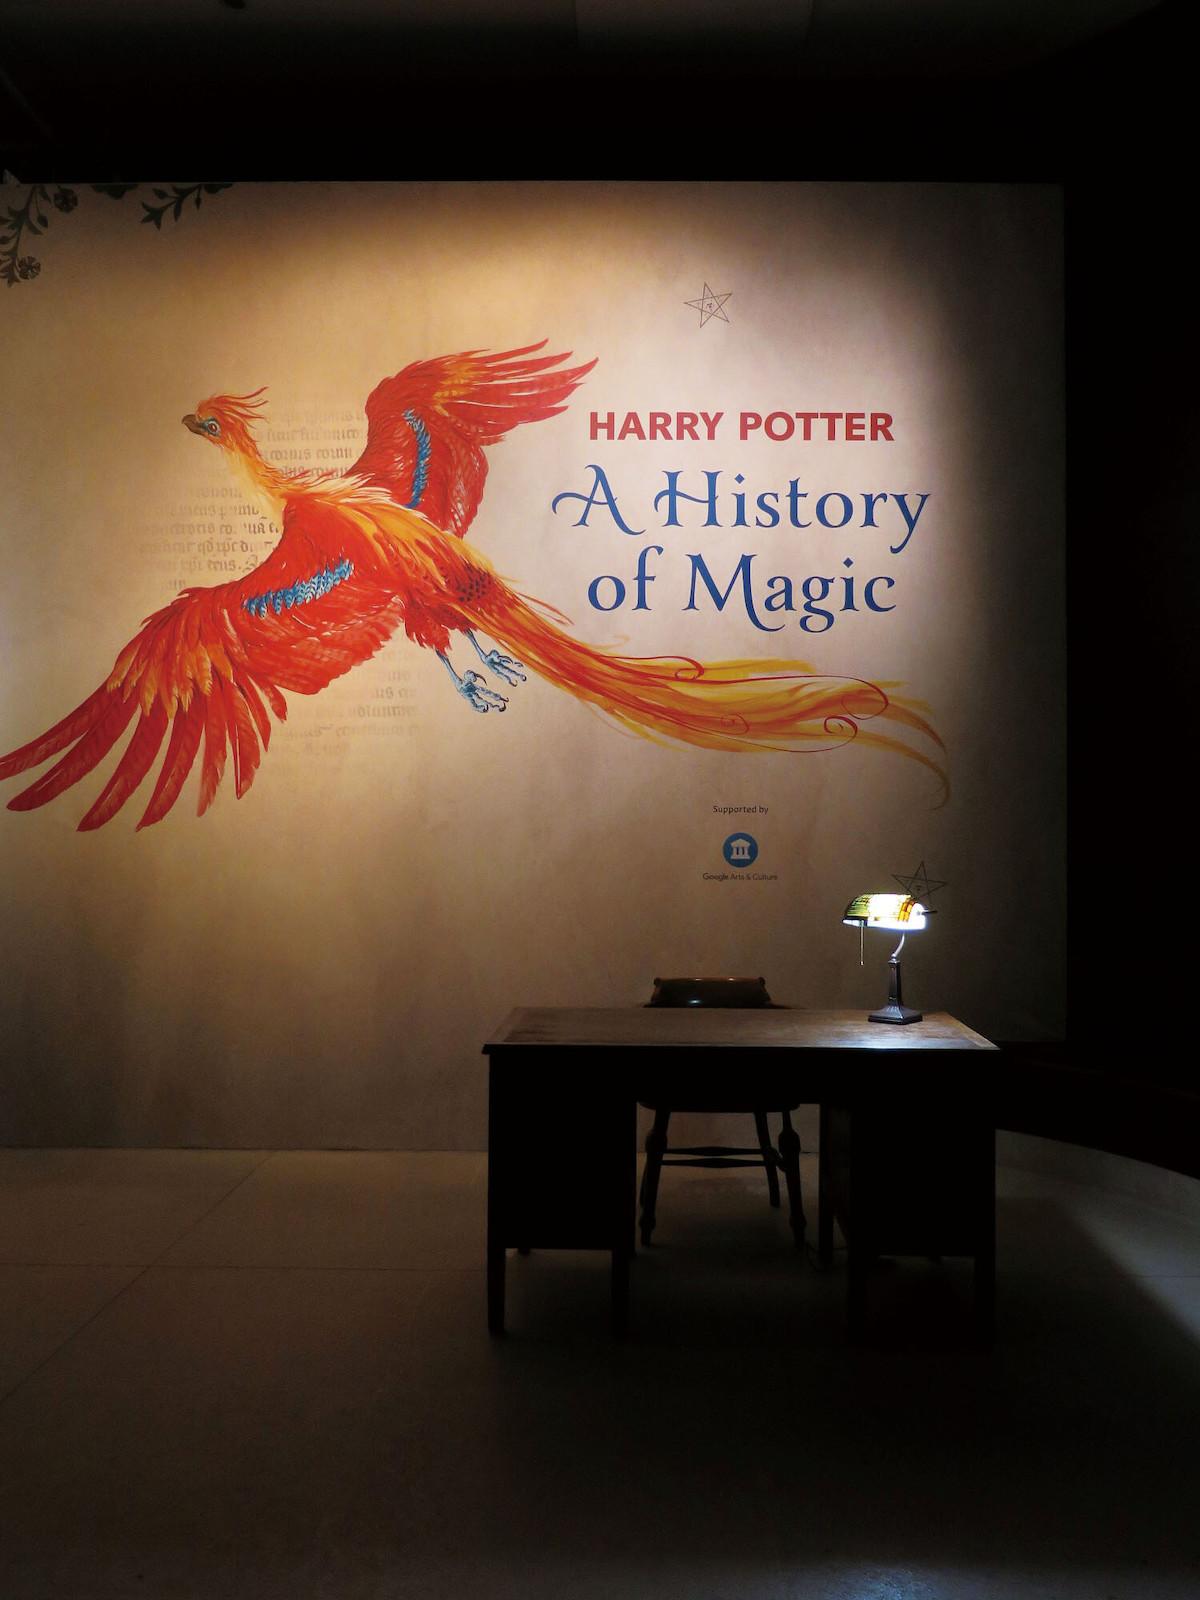 大英図書館の展示風景 ©️Easy Tiger Creative